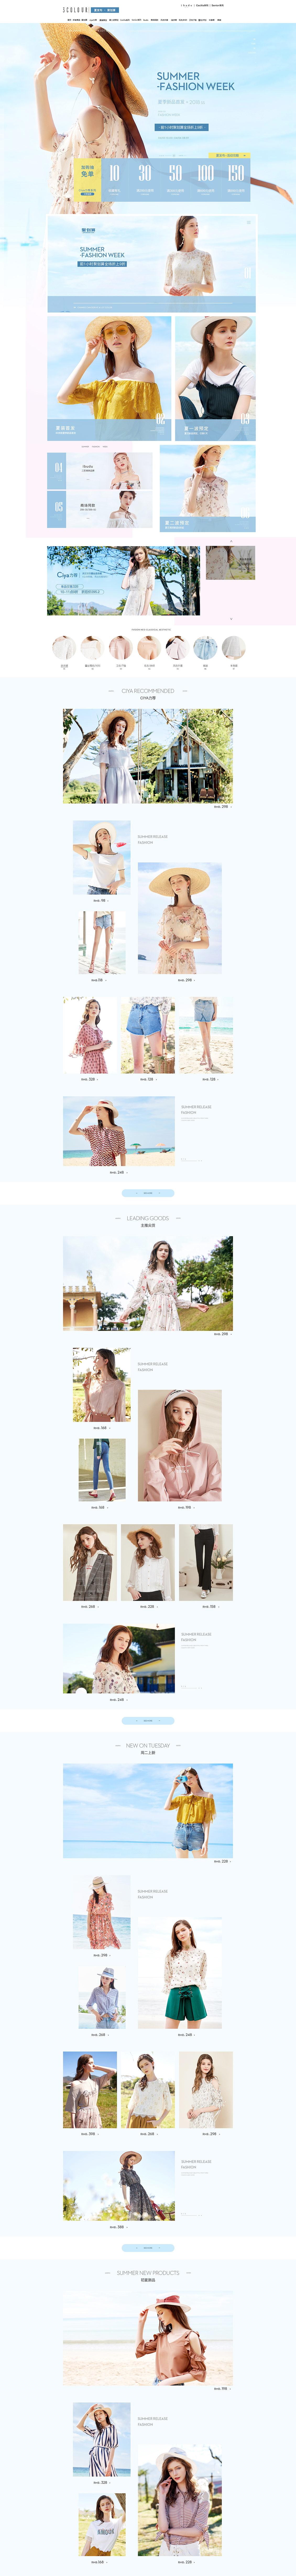 三彩 女装服饰 夏日 炎天 天猫首页活动专题网页设计